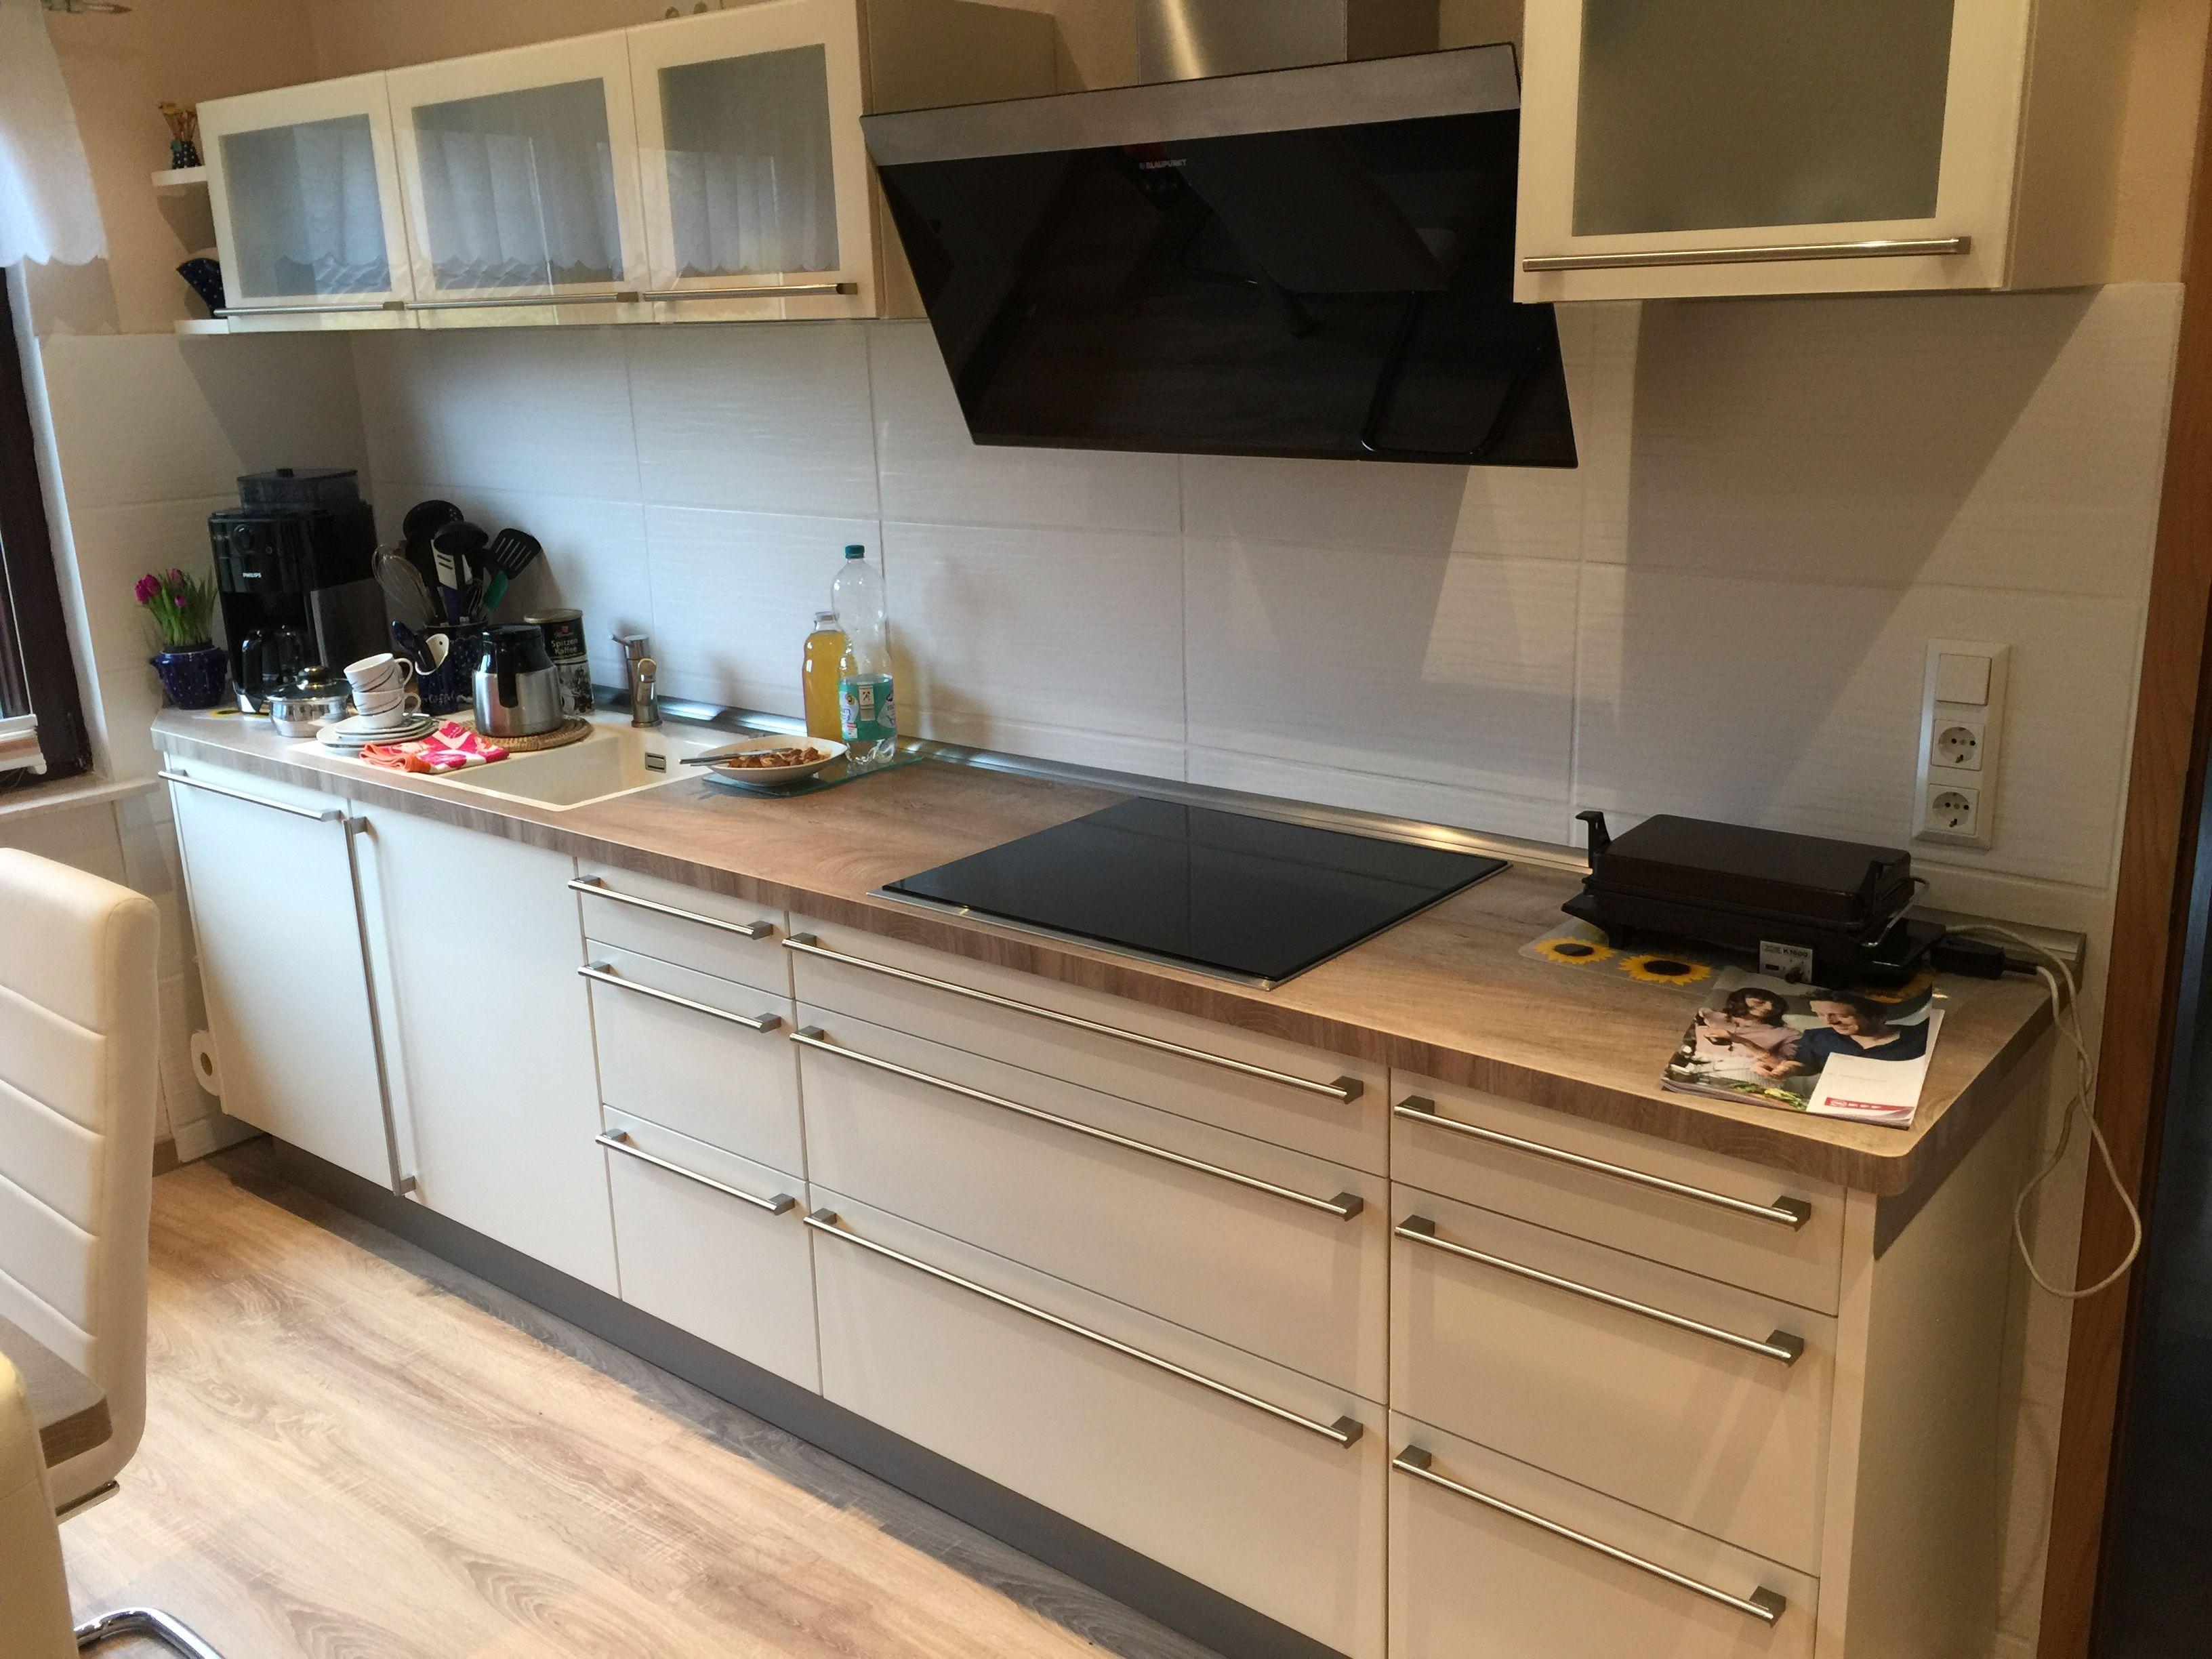 Groß Kleine Wohnküche Layout Ideen Bilder - Ideen Für Die Küche ...